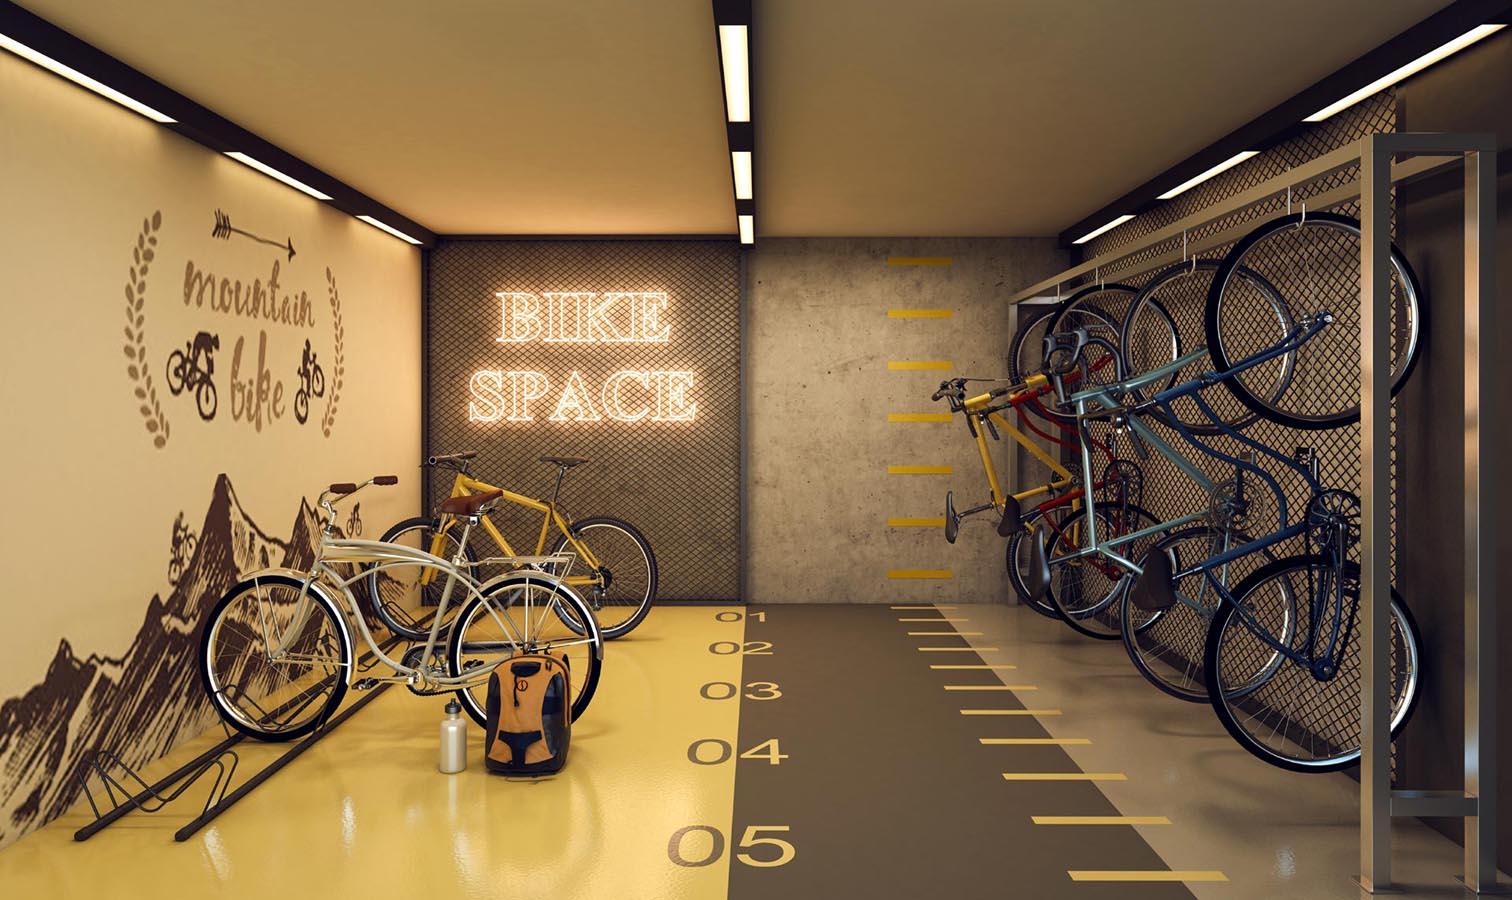 Perspectiva ilustrada do Bicicletário, sujeita à alteração.